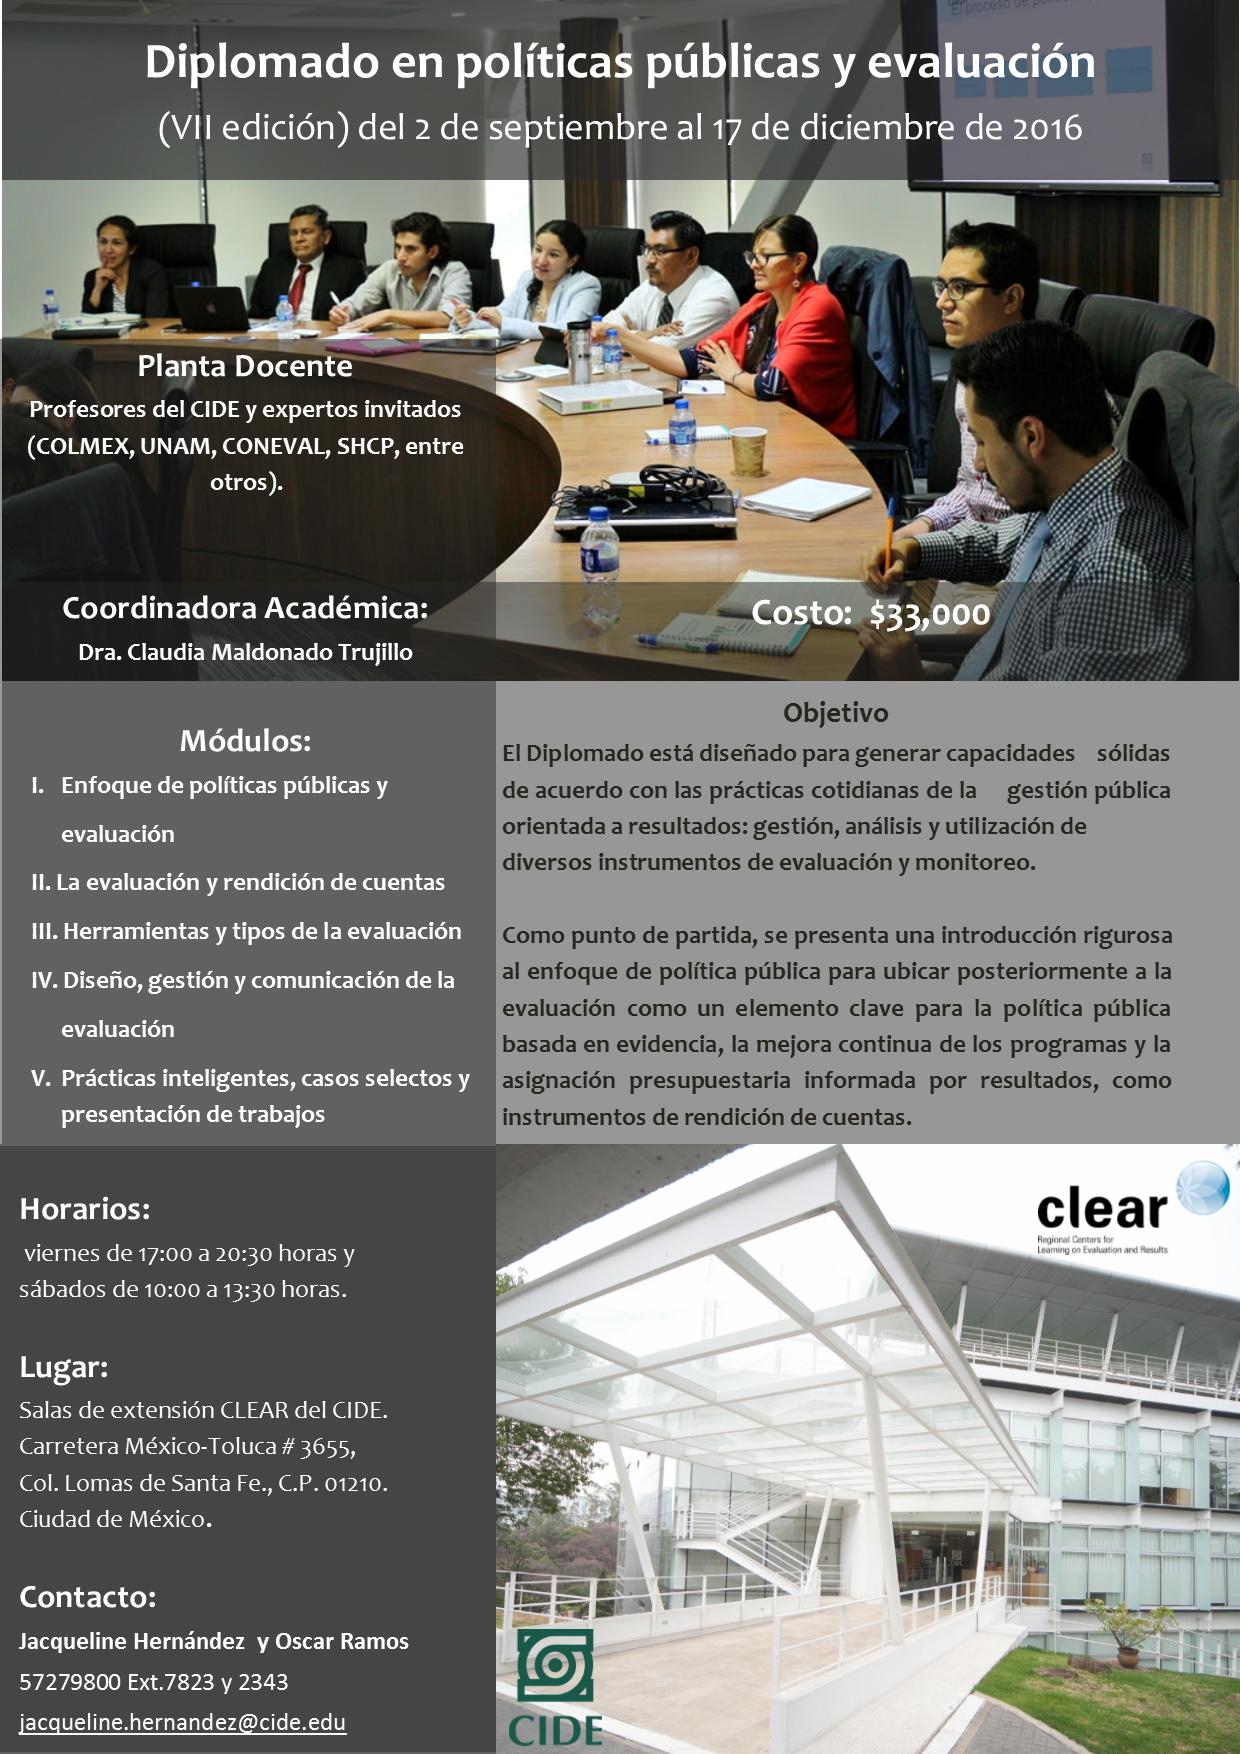 Diplomado Políticas Públicas y Evaluación 7° edición